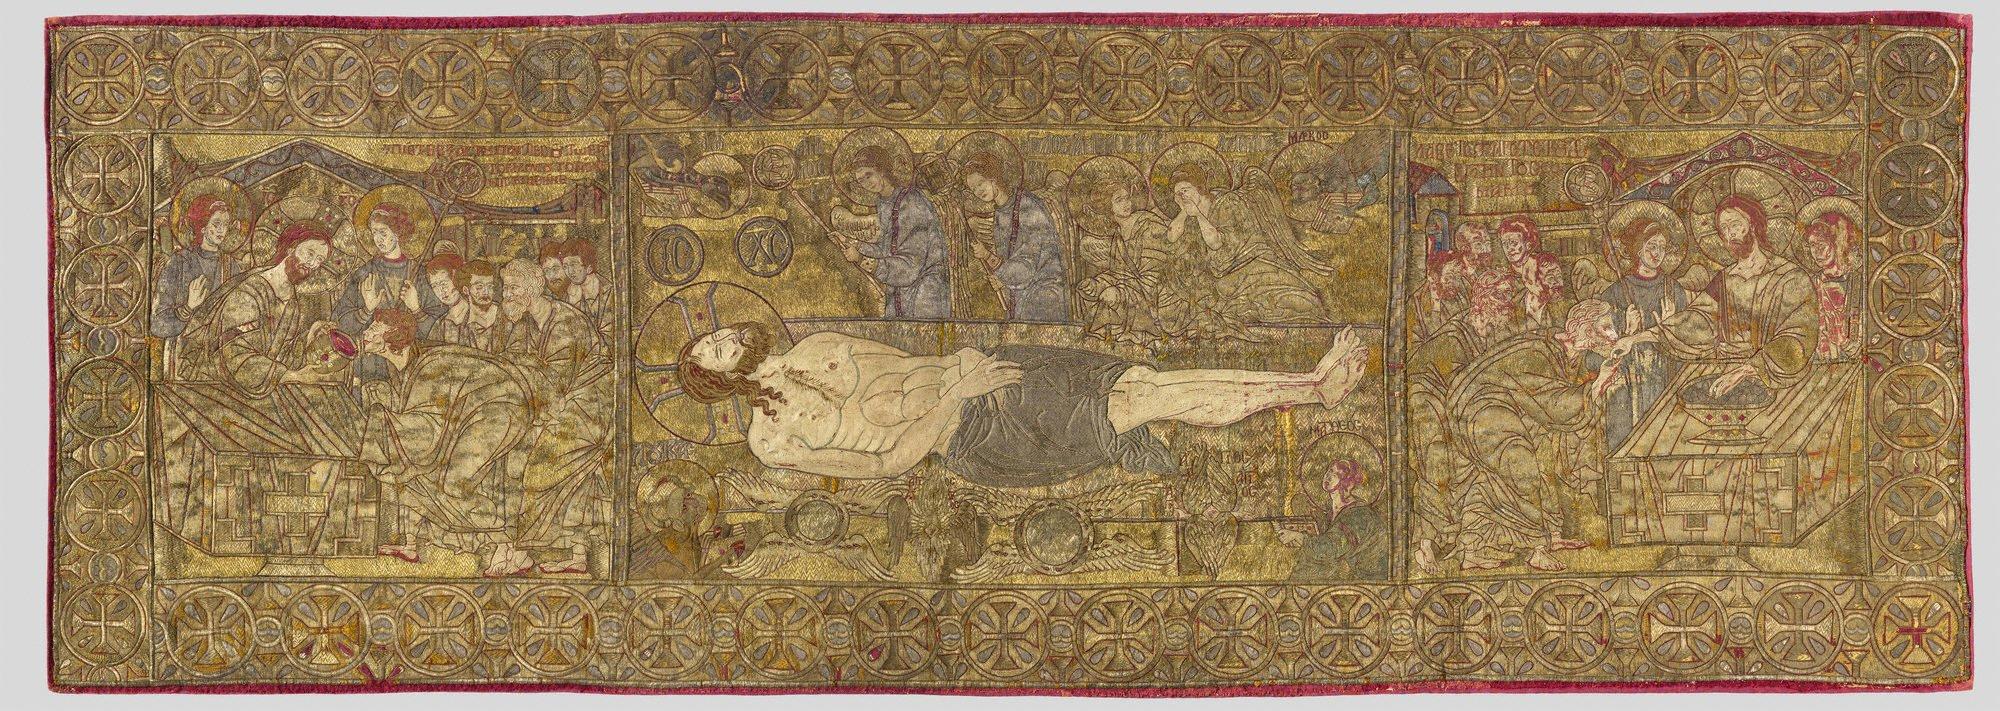 Byzantine9